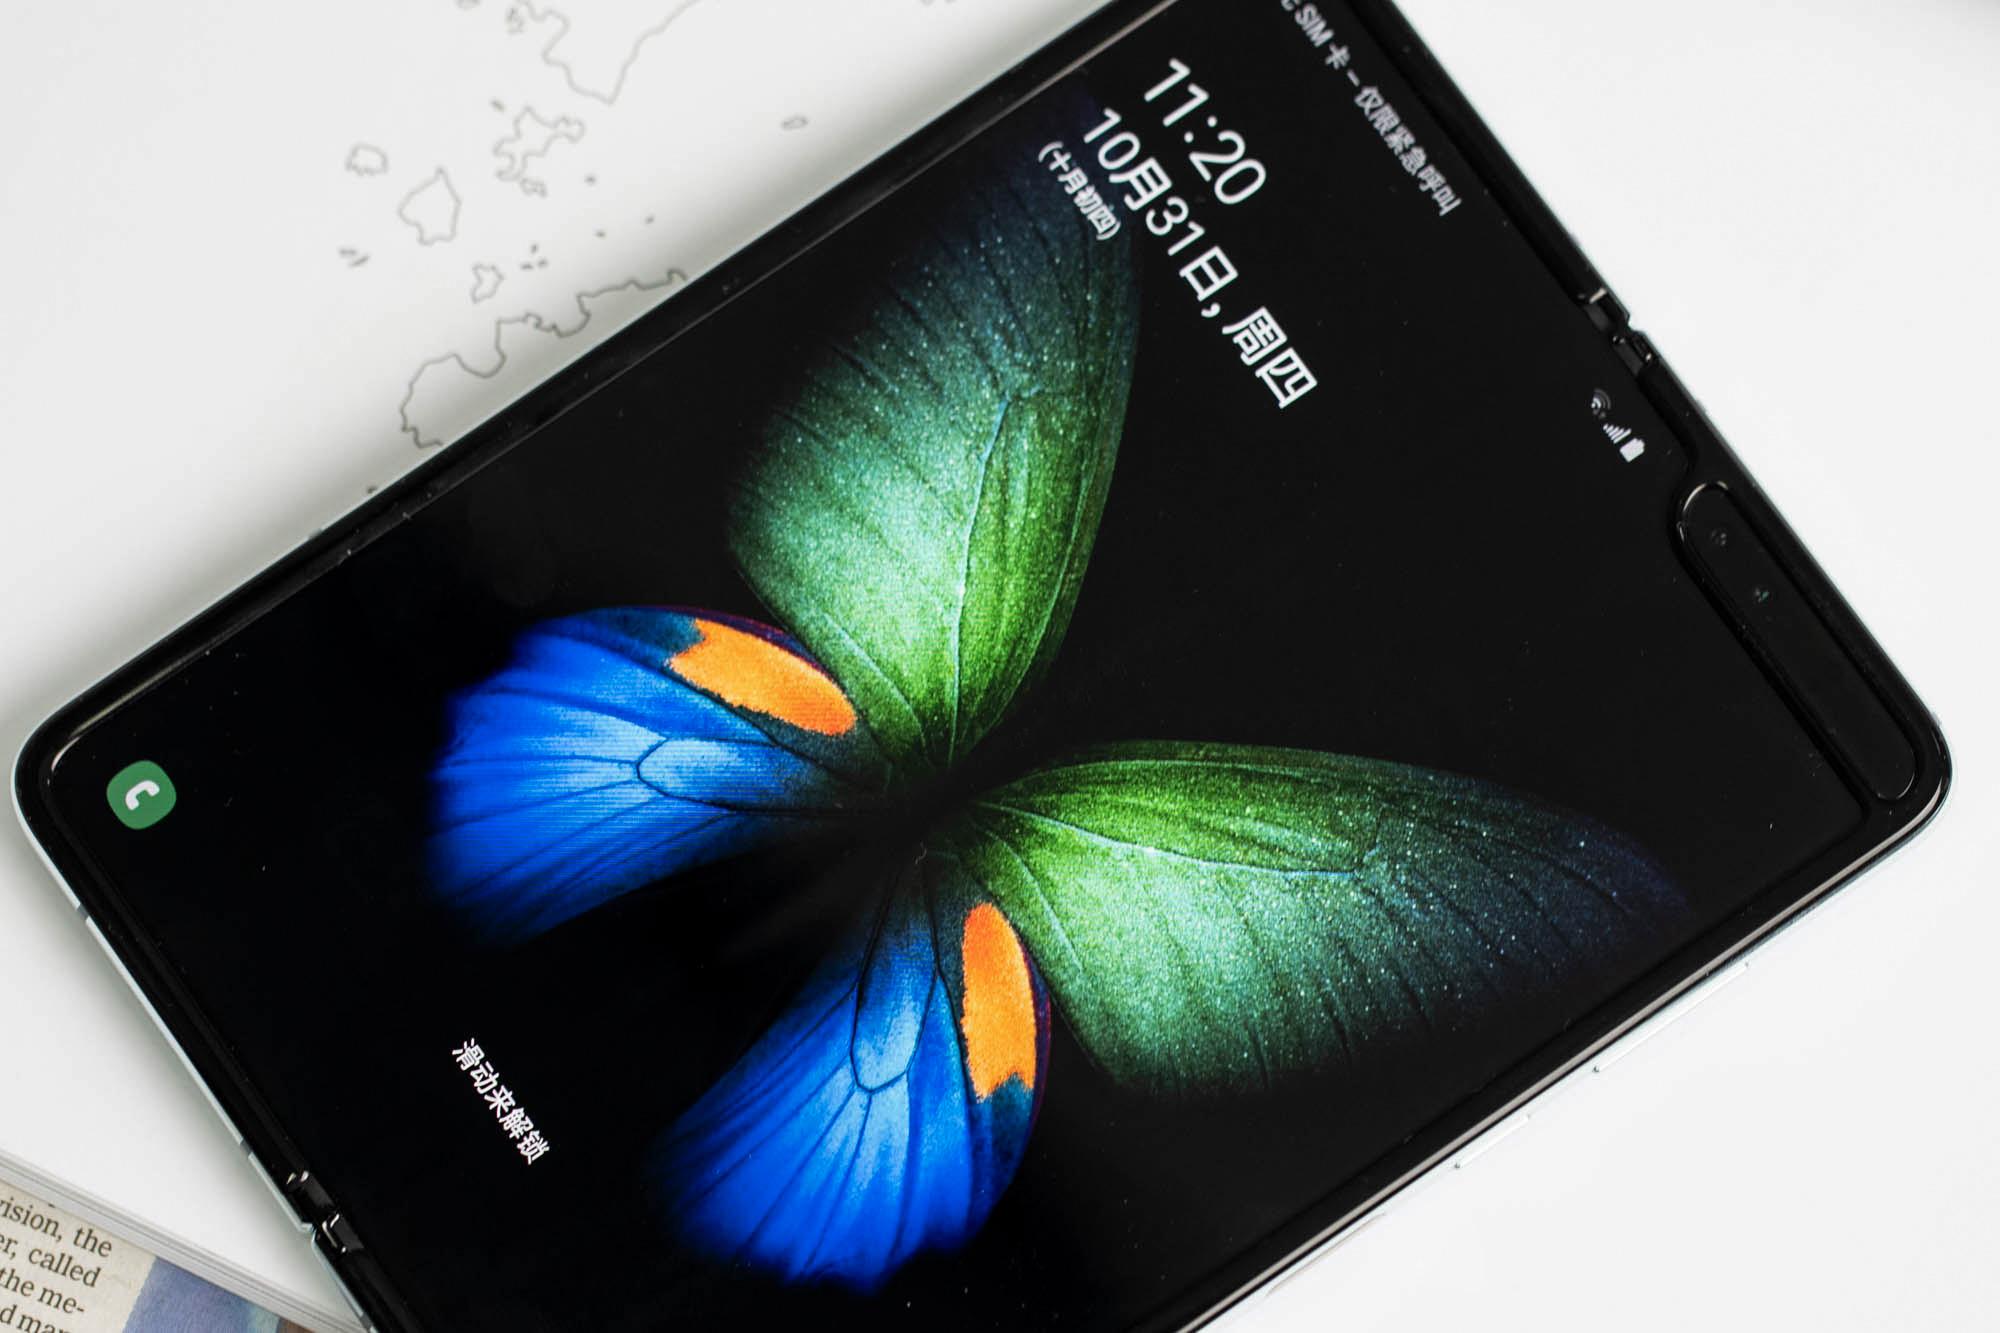 三星Galaxy Fold上手体验:双屏无缝切换的折叠屏手机的照片 - 4